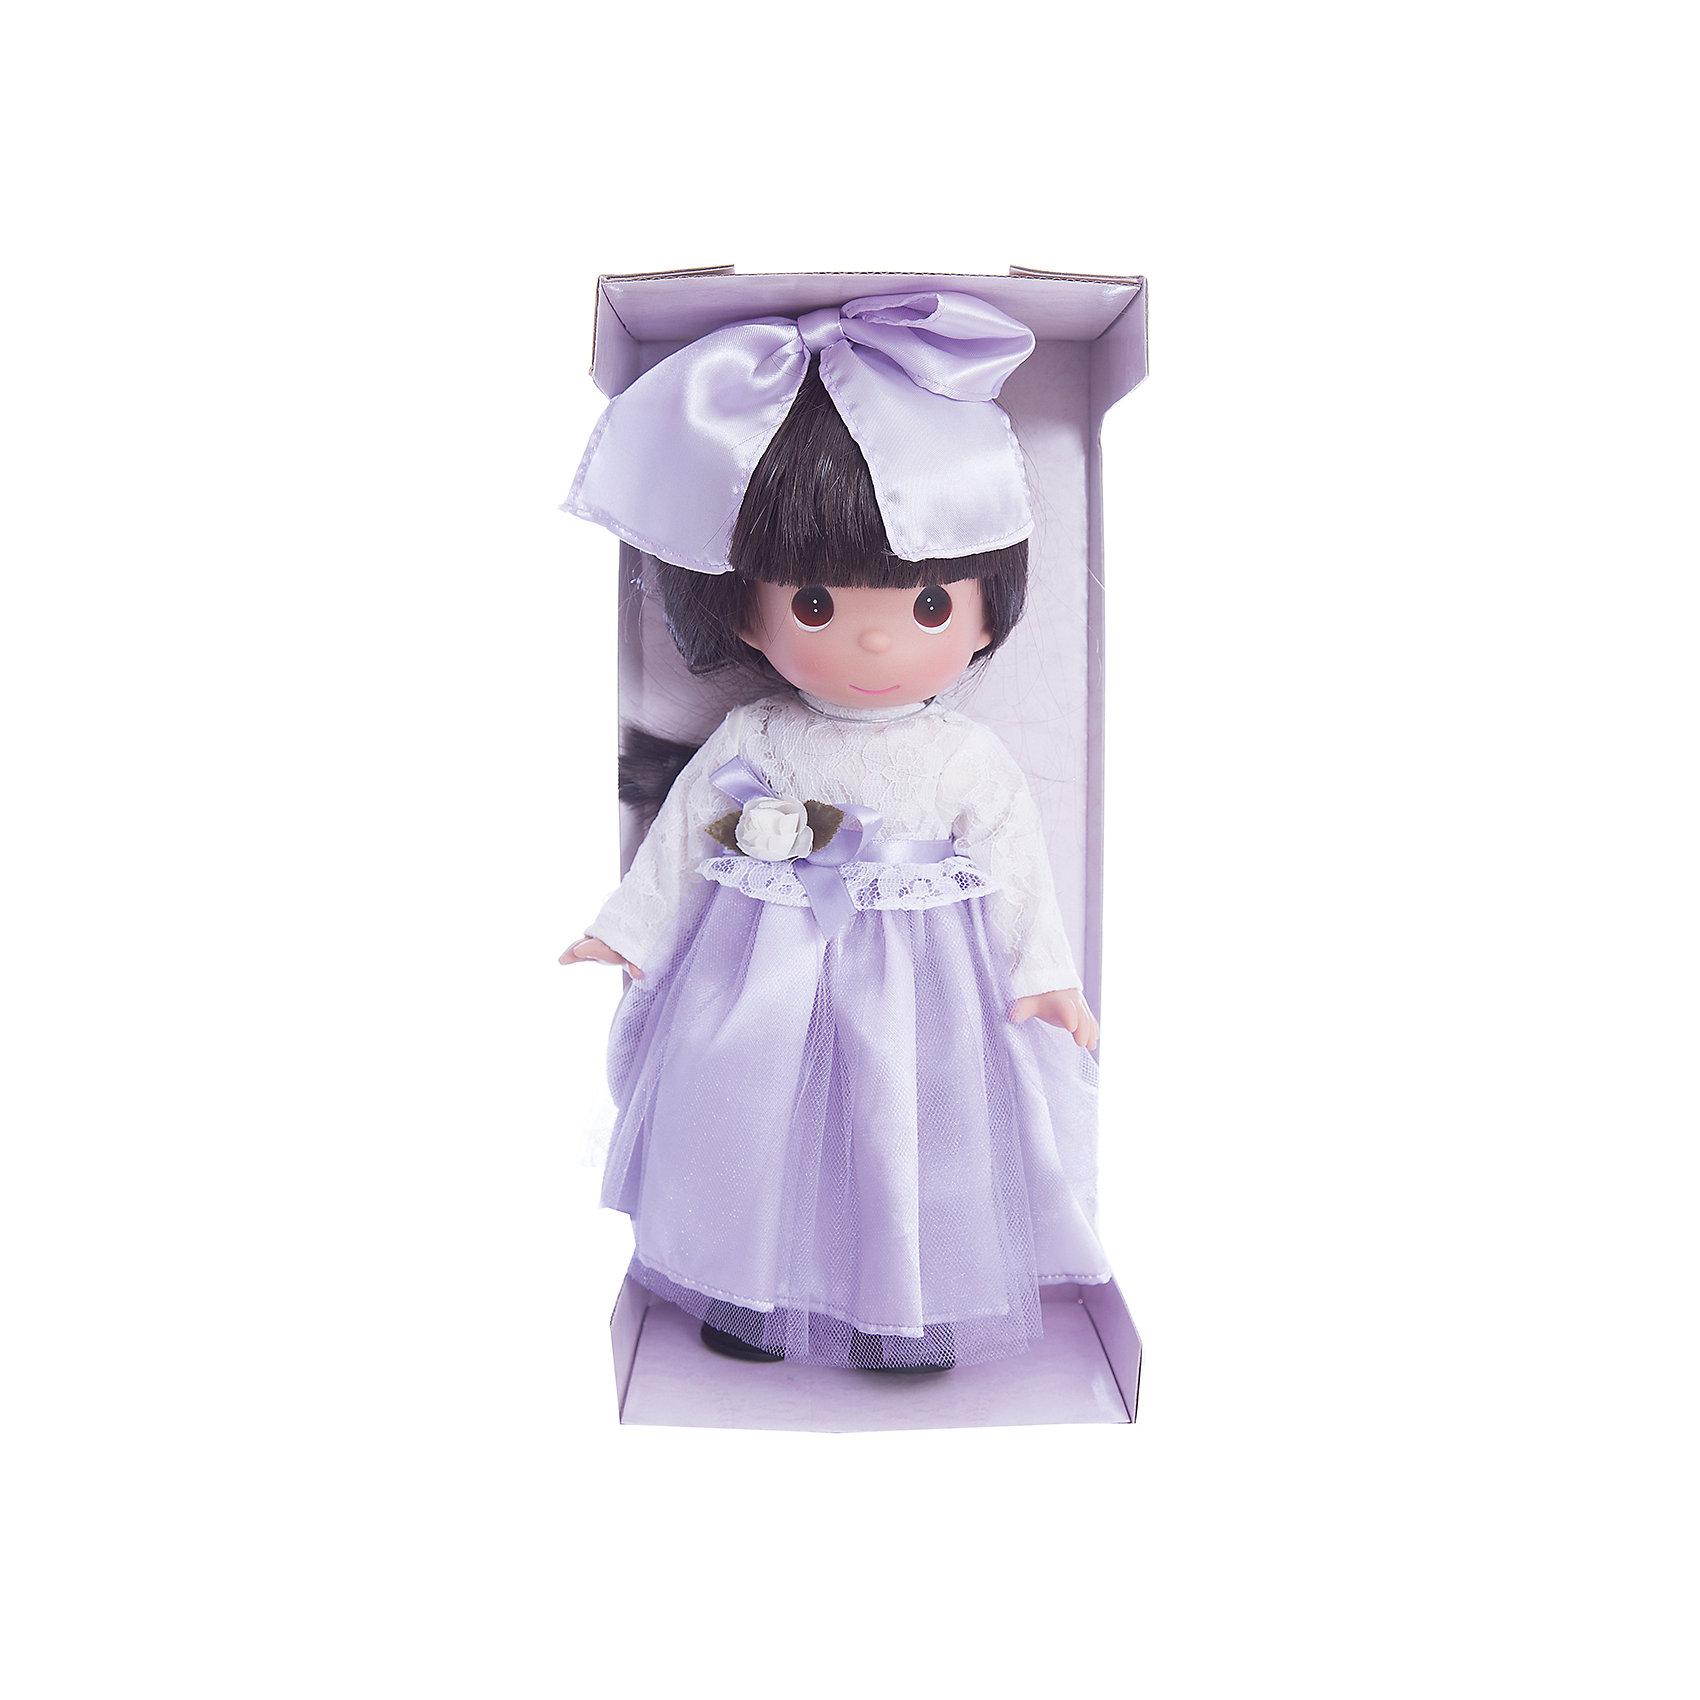 Кукла Симпатичная брюнетка в кружевах, 30 см, Precious MomentsБренды кукол<br>Характеристики товара:<br><br>• возраст: от 5 лет;<br>• материал: винил, текстиль;<br>• высота куклы: 30 см;<br>• размер упаковки: 34х16х9 см;<br>• вес упаковки: 395 гр.;<br>• страна производитель: Филиппины.<br><br>Кукла «Симпатичная брюнетка в кружевах» Precious Moments — коллекционная кукла с выразительными карими глазками и каштановыми волосами. Куколка одета в фиолетовое платье с кружевным верхом. Волосы завязаны большим бантиком.<br><br>У куклы имеются подвижные детали. Она выполнена из качественного безопасного материала.<br><br>Куклу «Симпатичная брюнетка в кружевах» Precious Moments можно приобрести в нашем интернет-магазине.<br><br>Ширина мм: 140<br>Глубина мм: 300<br>Высота мм: 80<br>Вес г: 428<br>Возраст от месяцев: 36<br>Возраст до месяцев: 2147483647<br>Пол: Женский<br>Возраст: Детский<br>SKU: 5482492